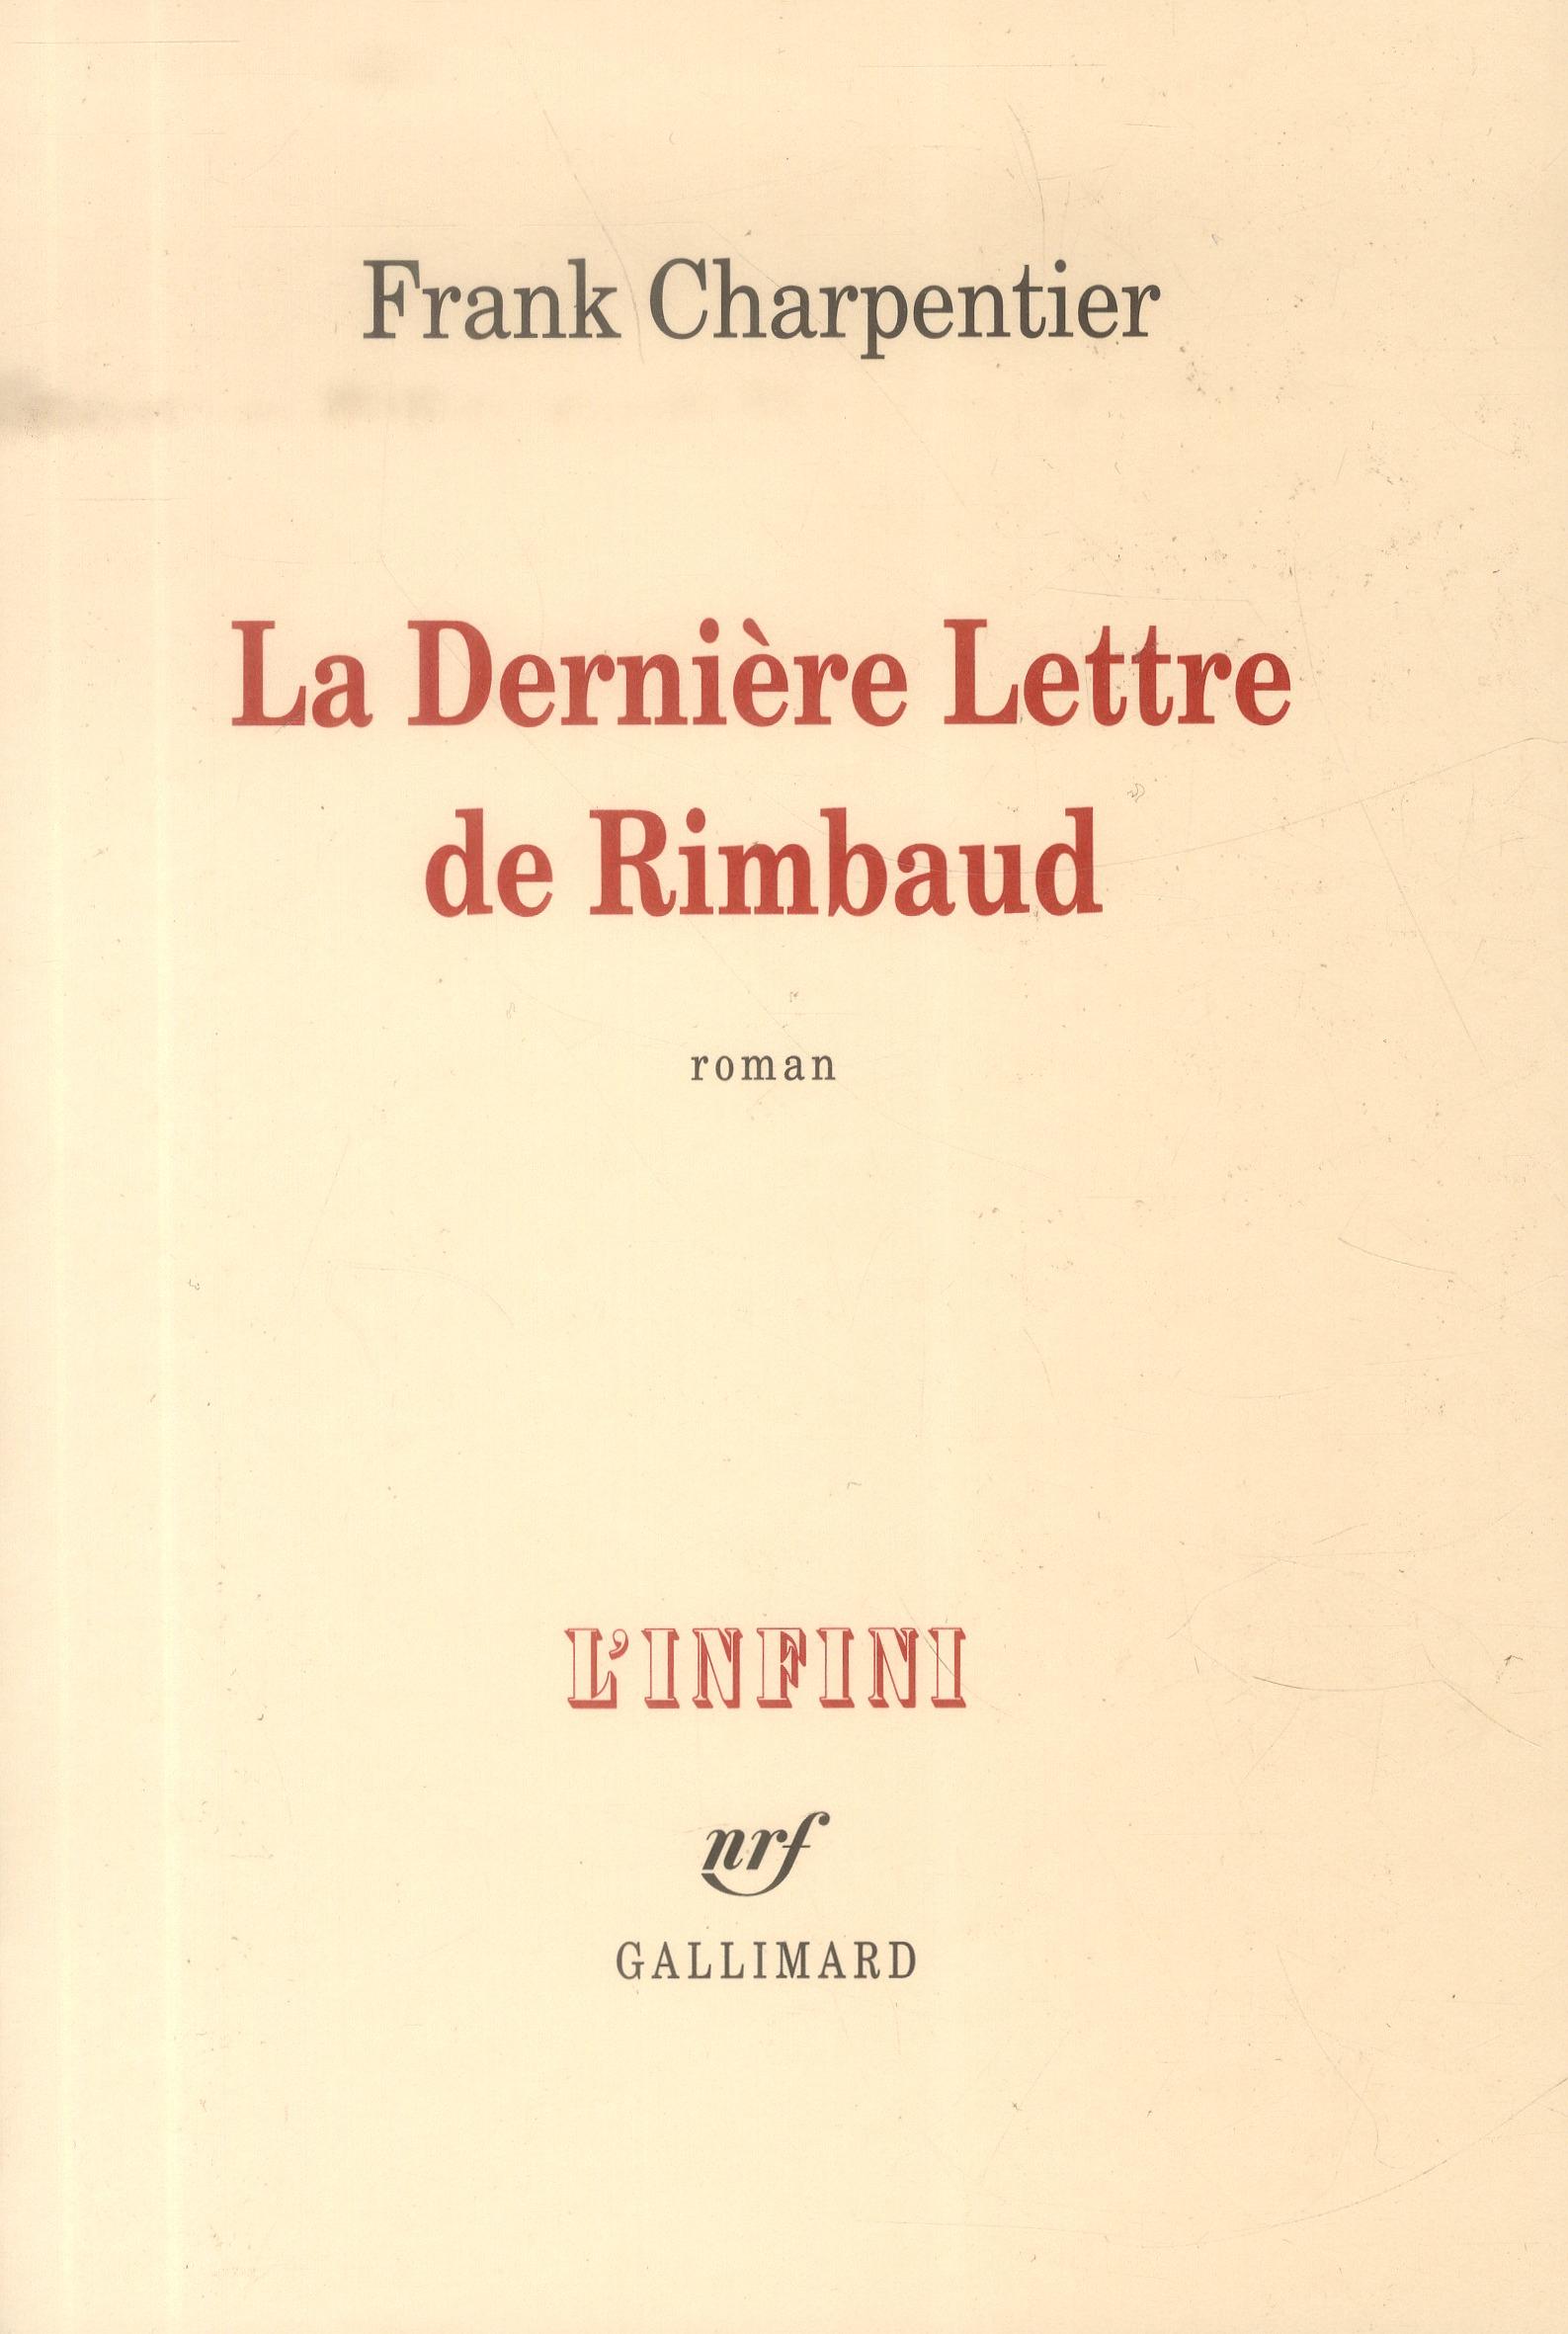 La dernière lettre de Rimbaud